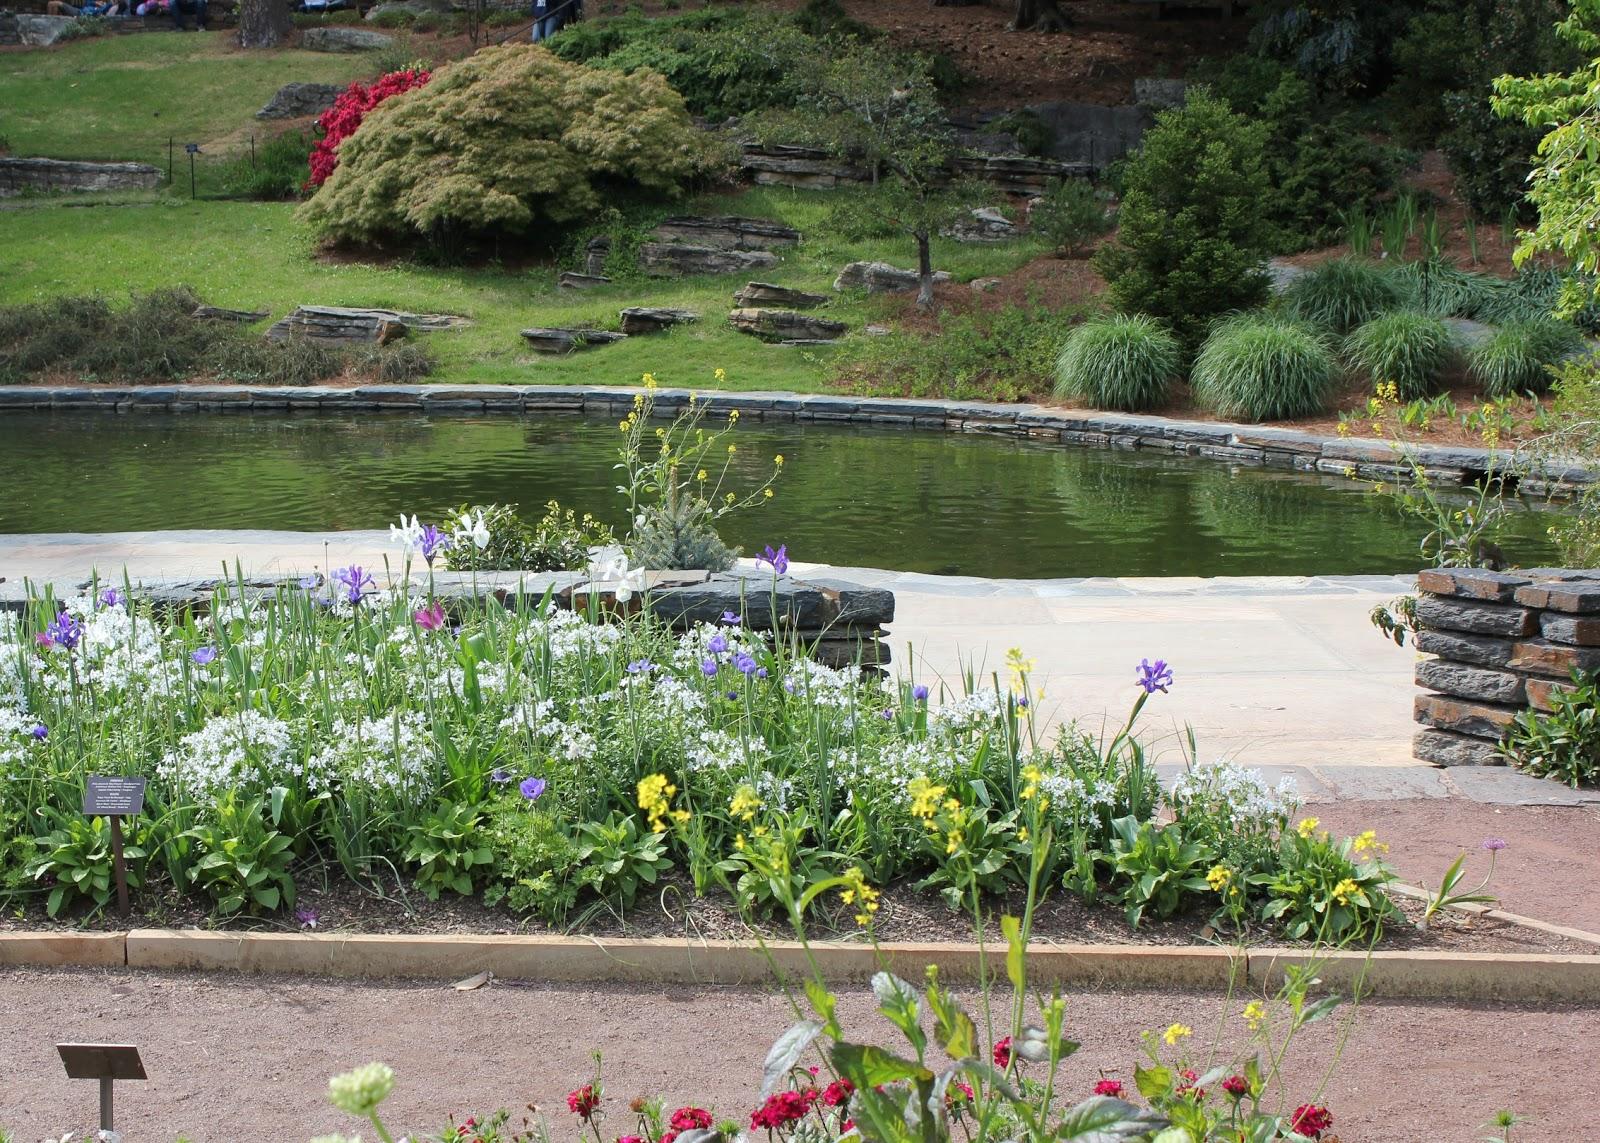 The wildlife garden in the h l blomquist garden of native plants - The Wildlife Garden In The H L Blomquist Garden Of Native Plants 1